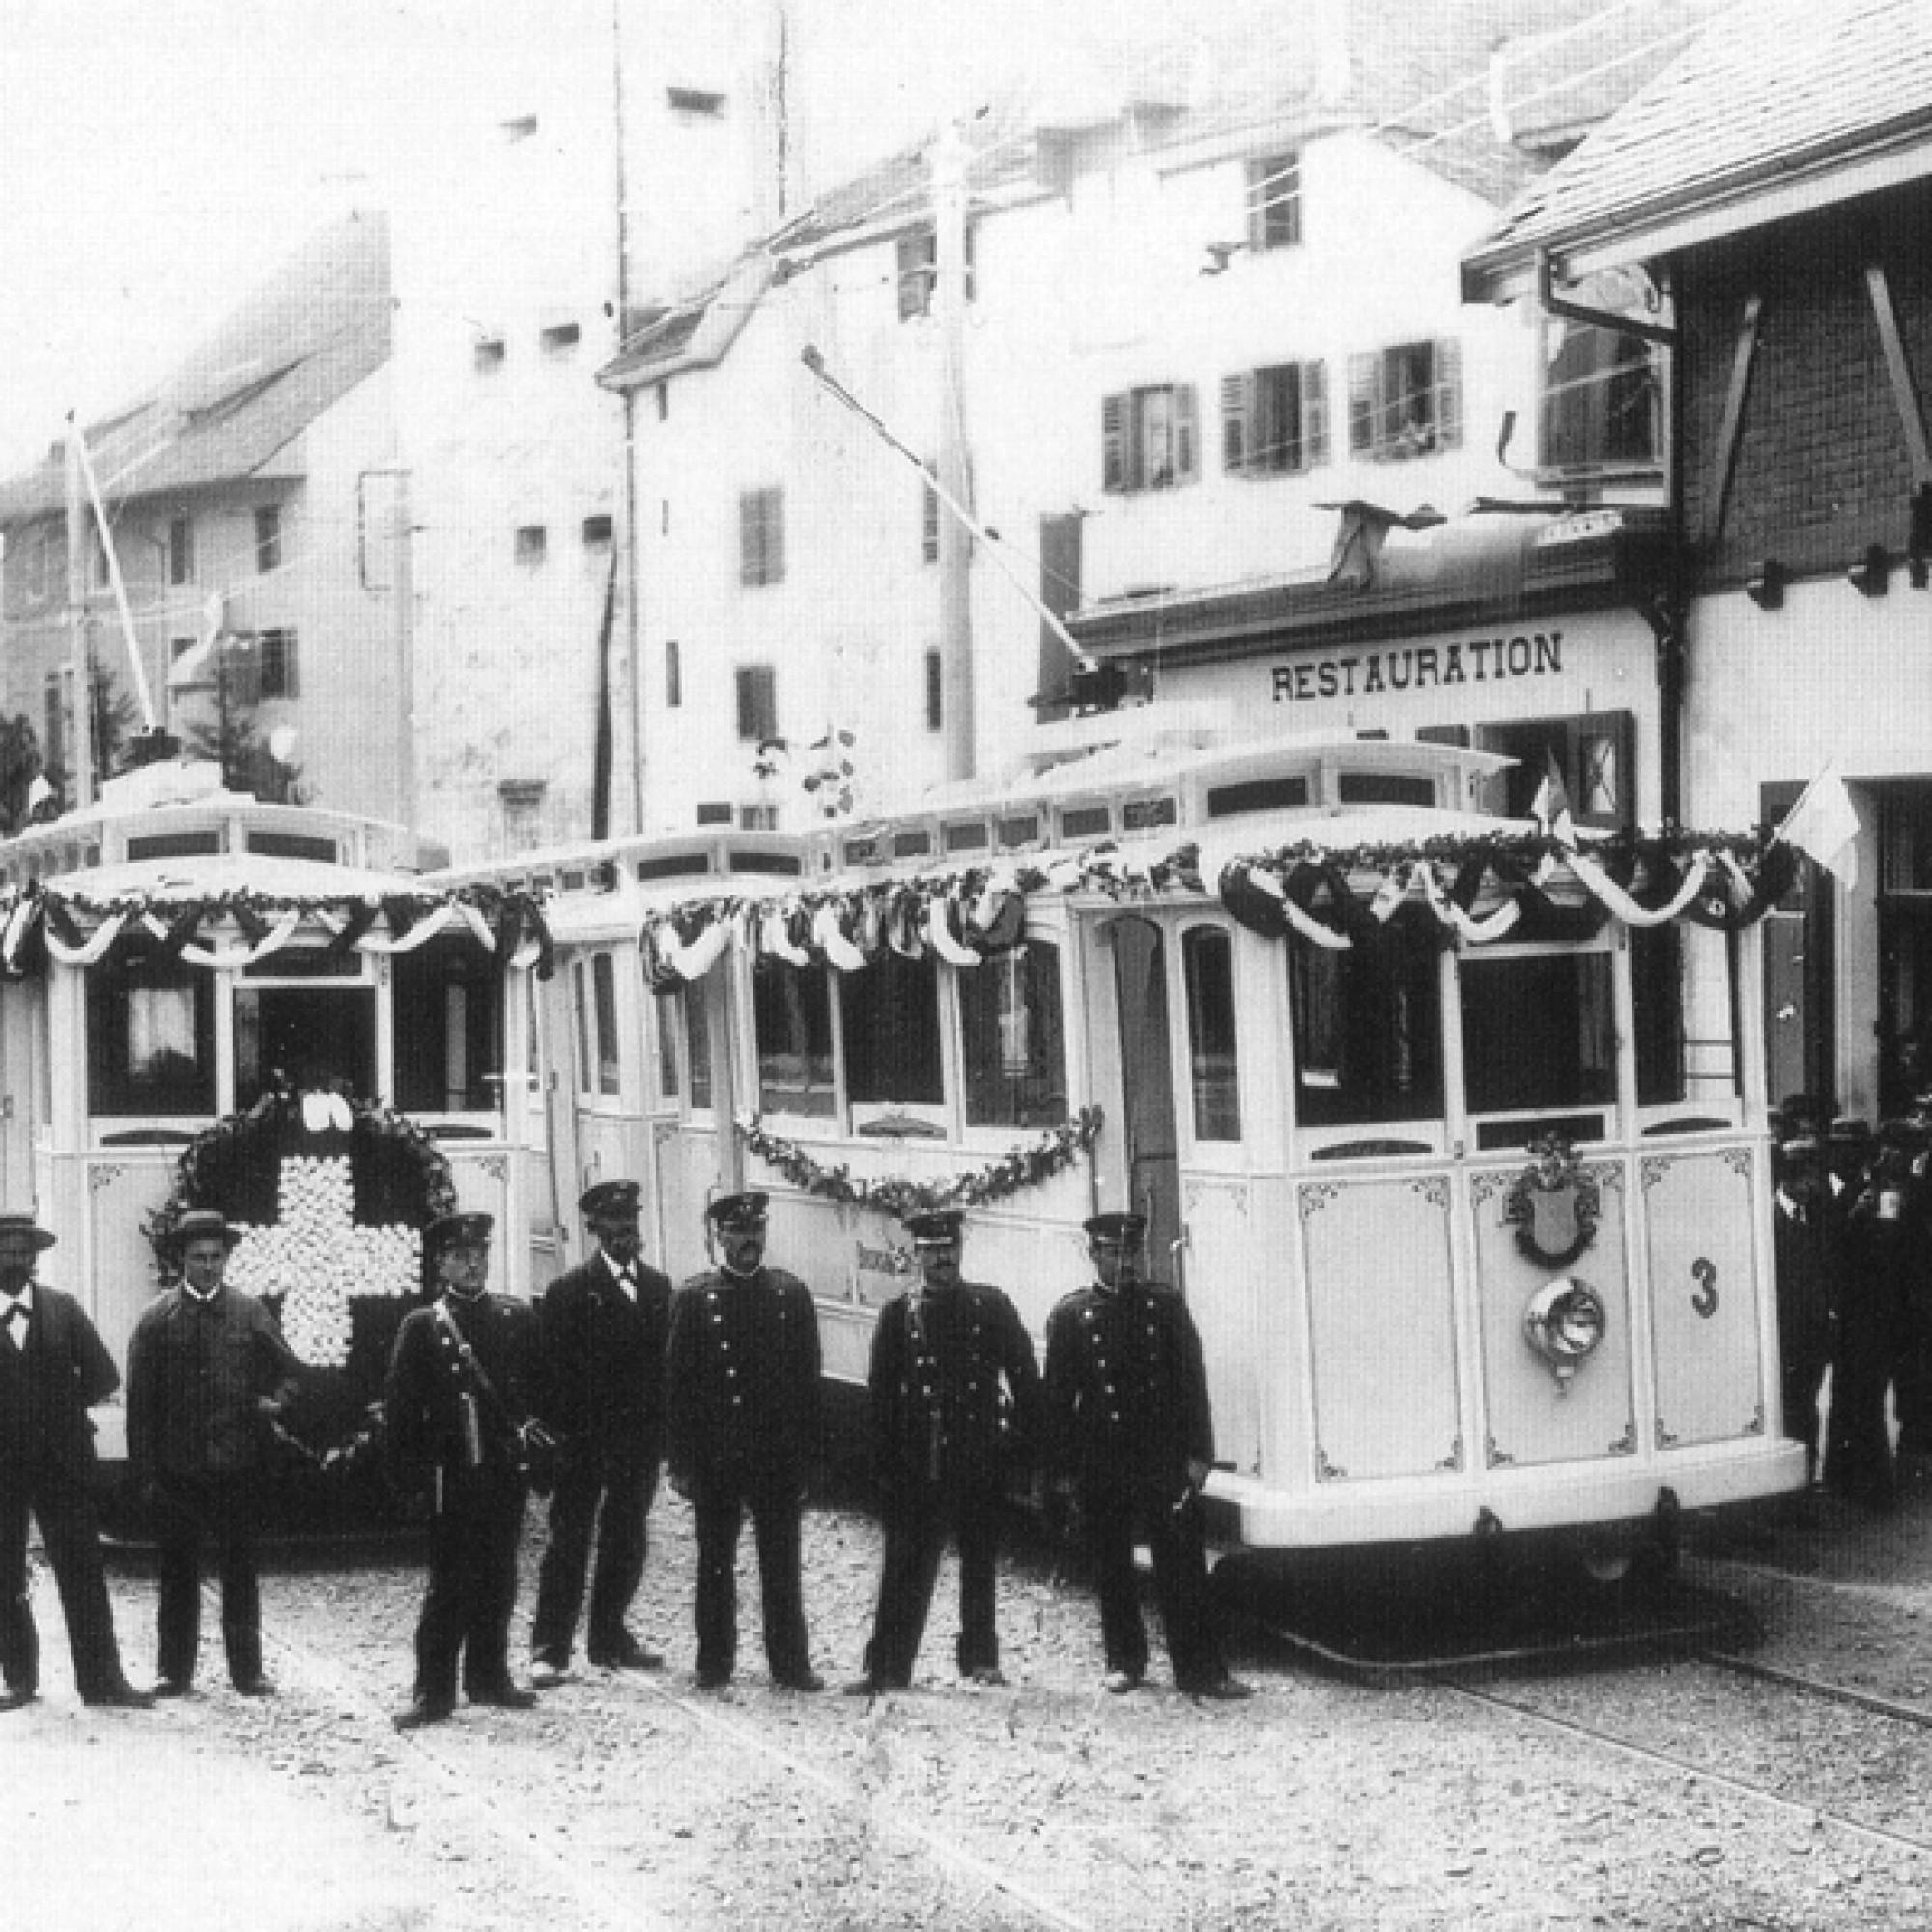 Eröffnungsfahrt der Bremgarten–Dietikon-Bahn um 1902.  (wikimedia.org)